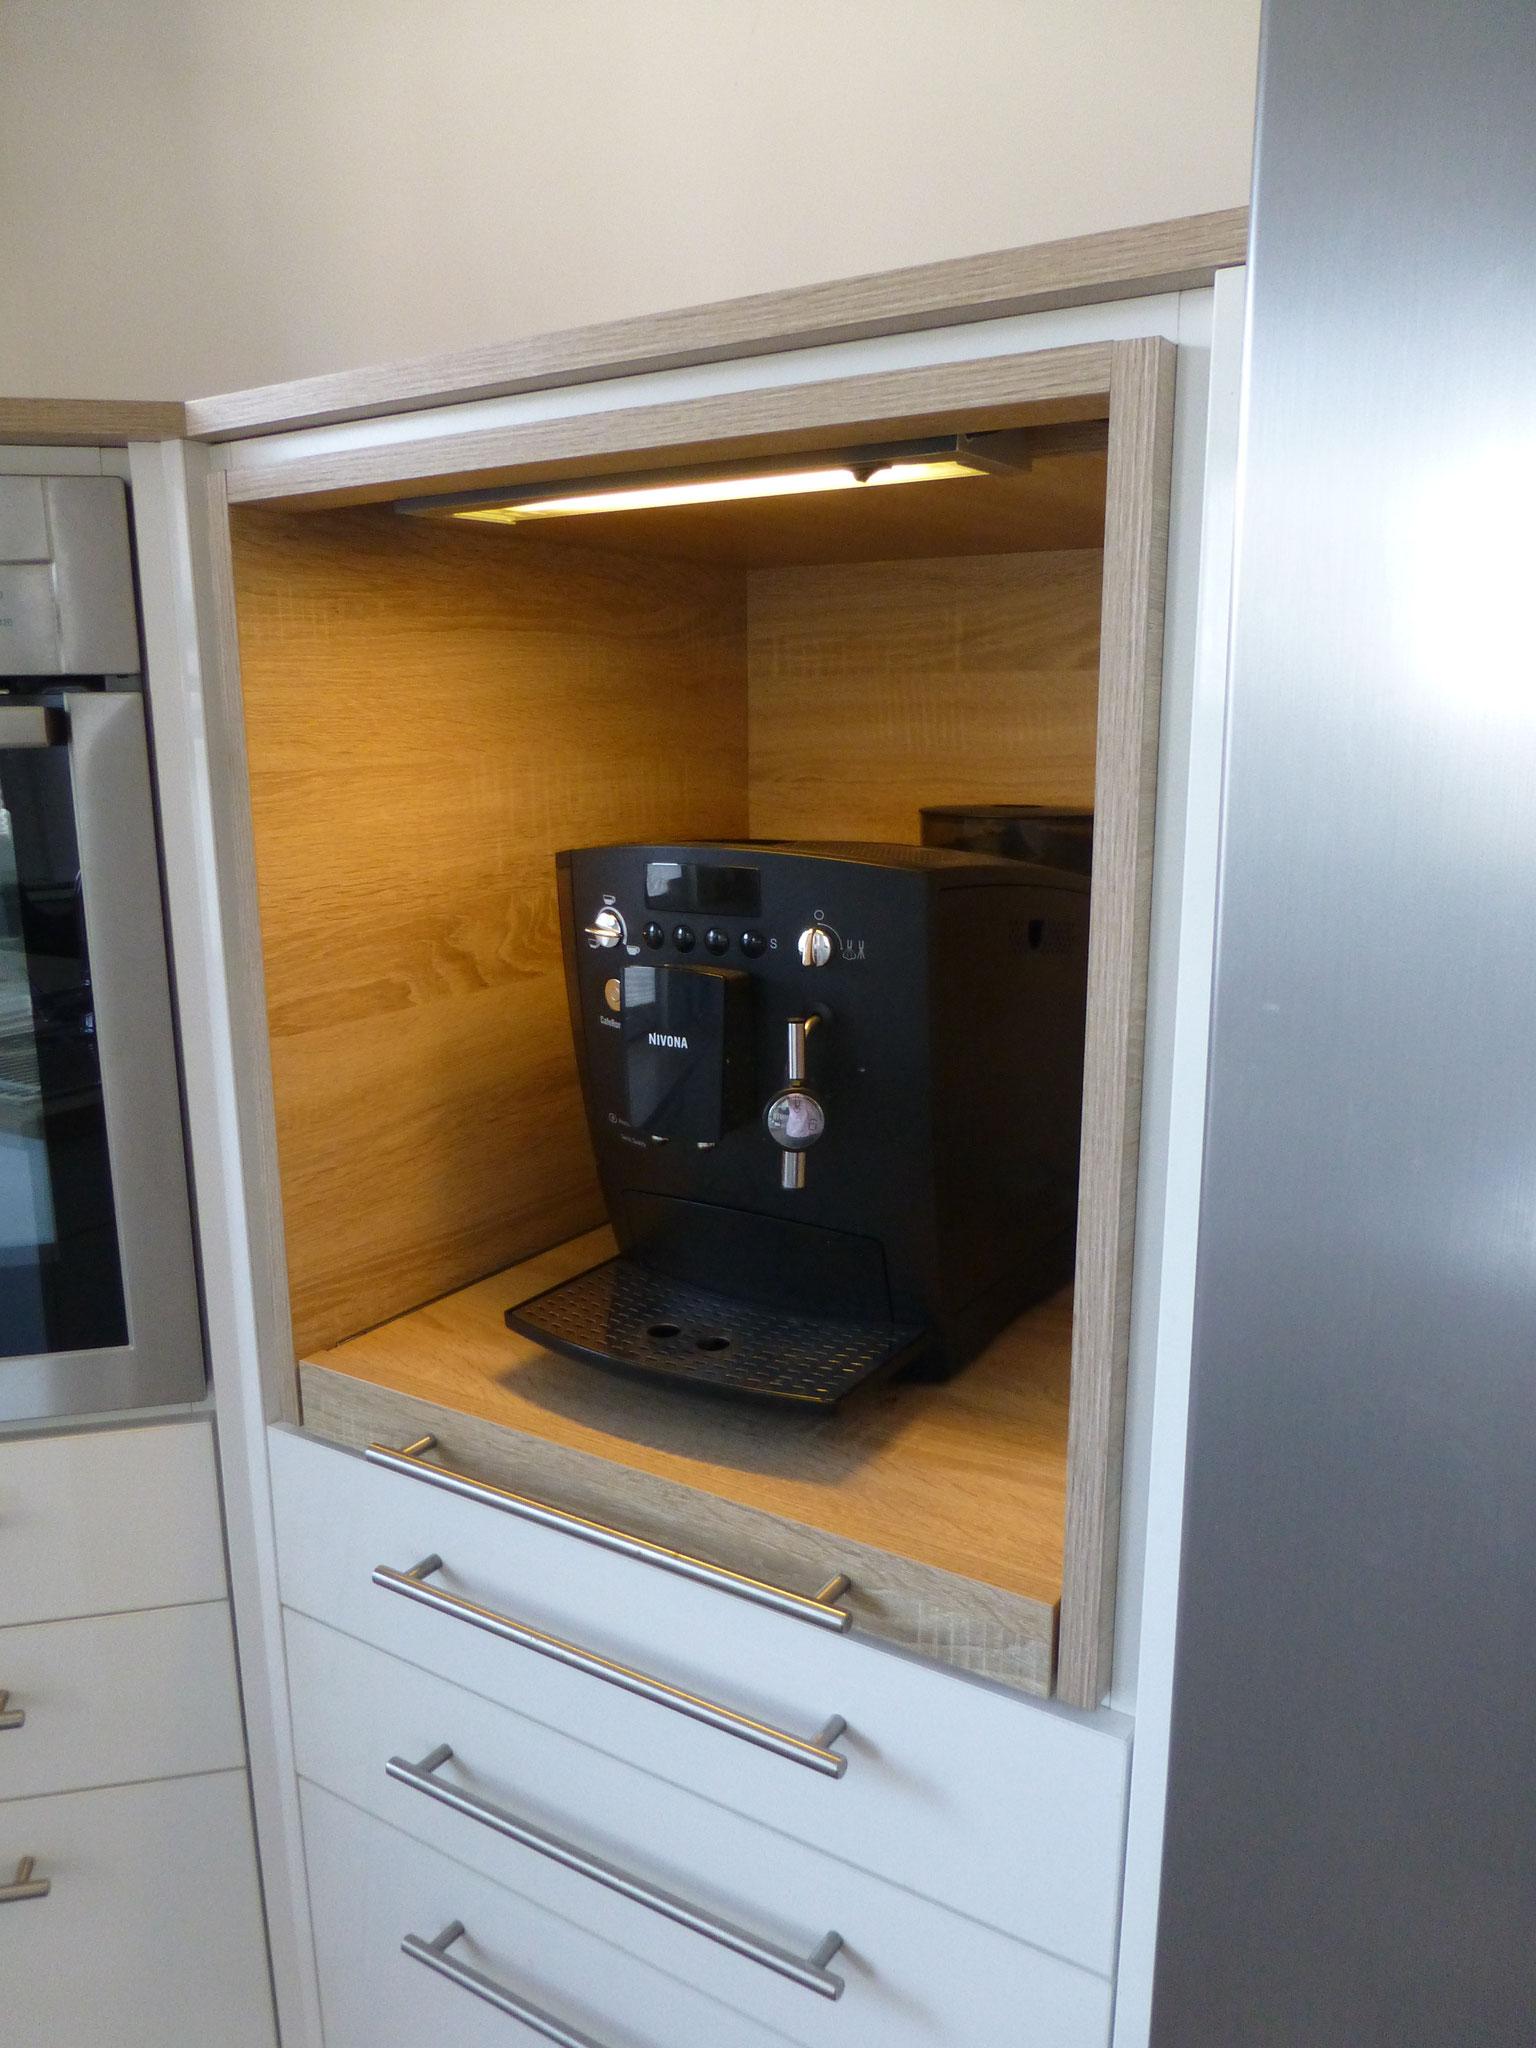 Kaffeeautomaten-Auszug